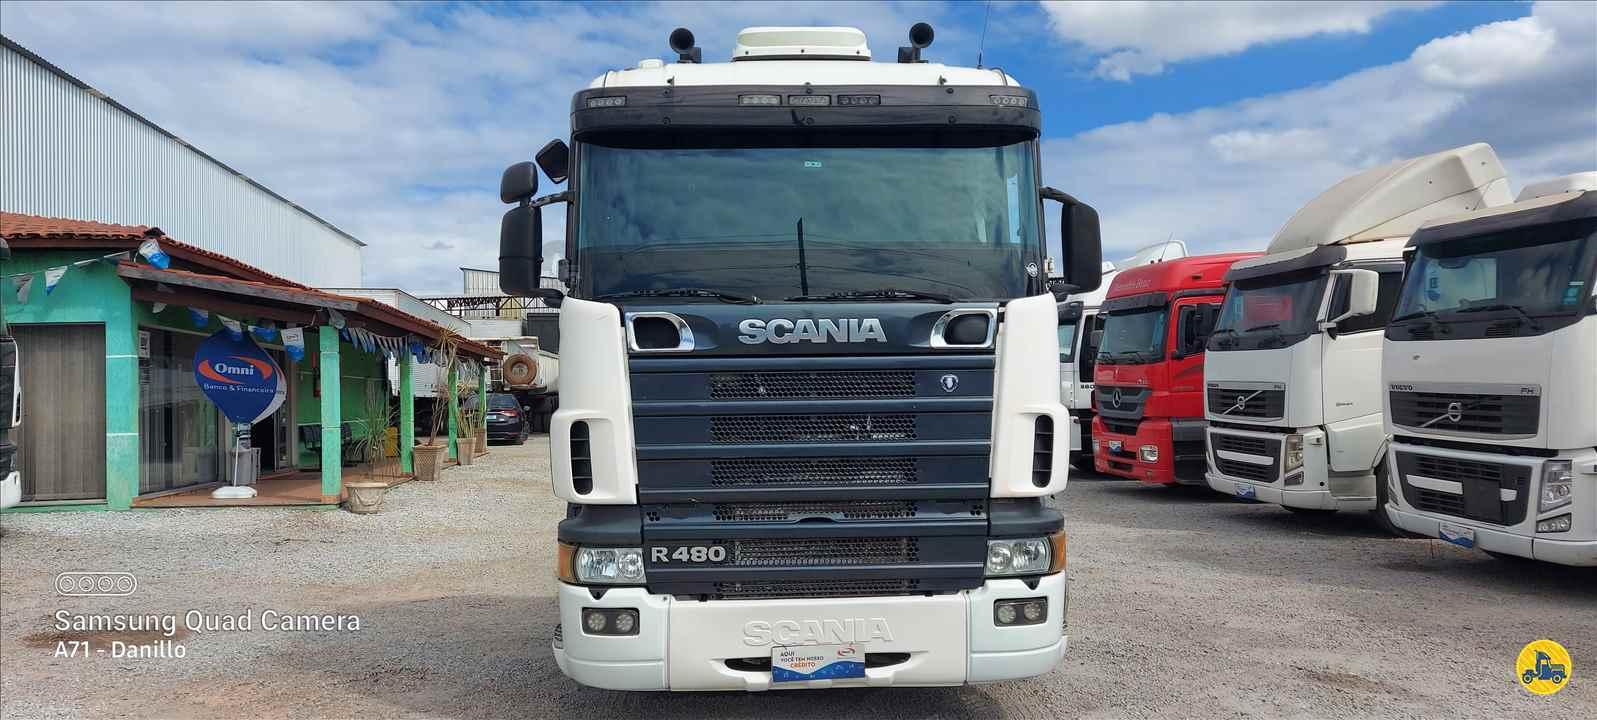 CAMINHAO SCANIA SCANIA 480 Cavalo Mecânico Traçado 6x4 13 de Maio Caminhões BETIM MINAS GERAIS MG